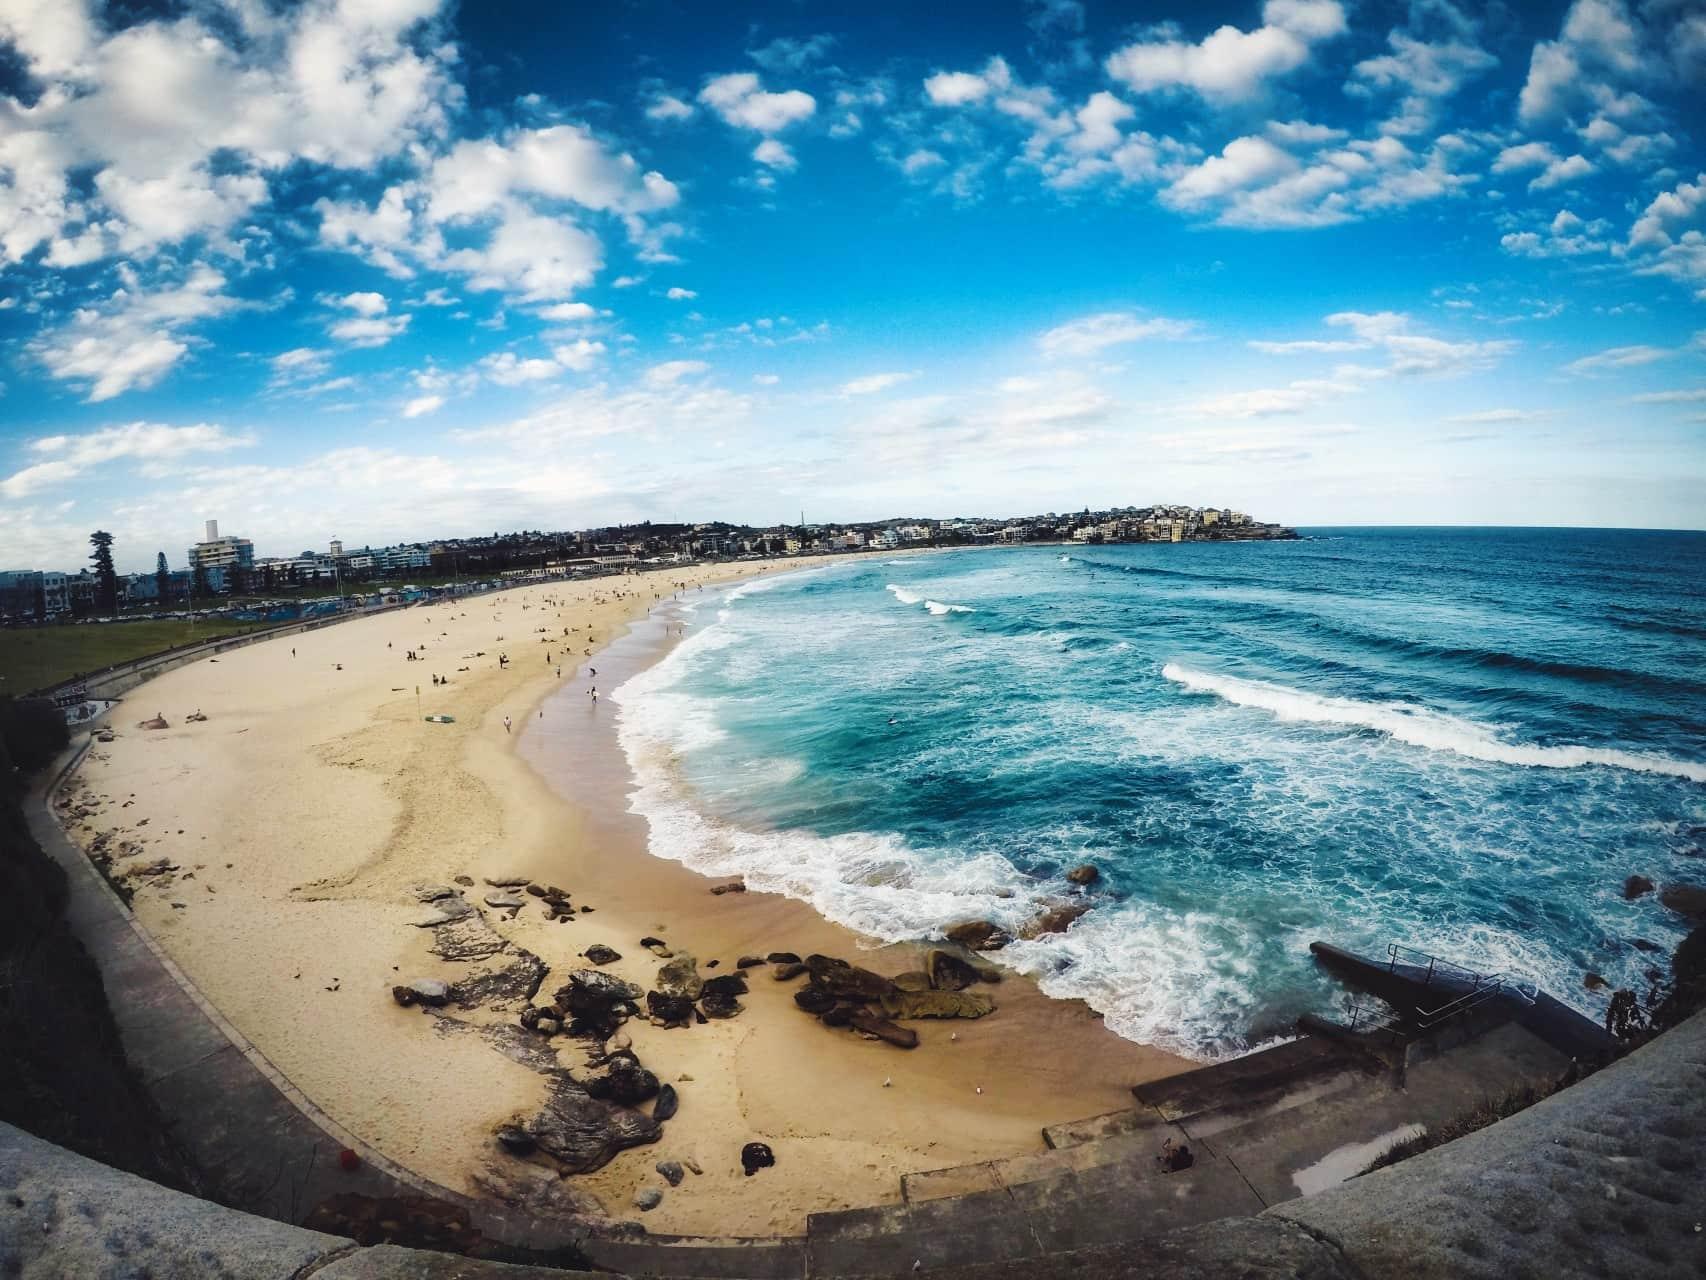 Bondi Beach GoPro Hero5 Beachview australia 2018